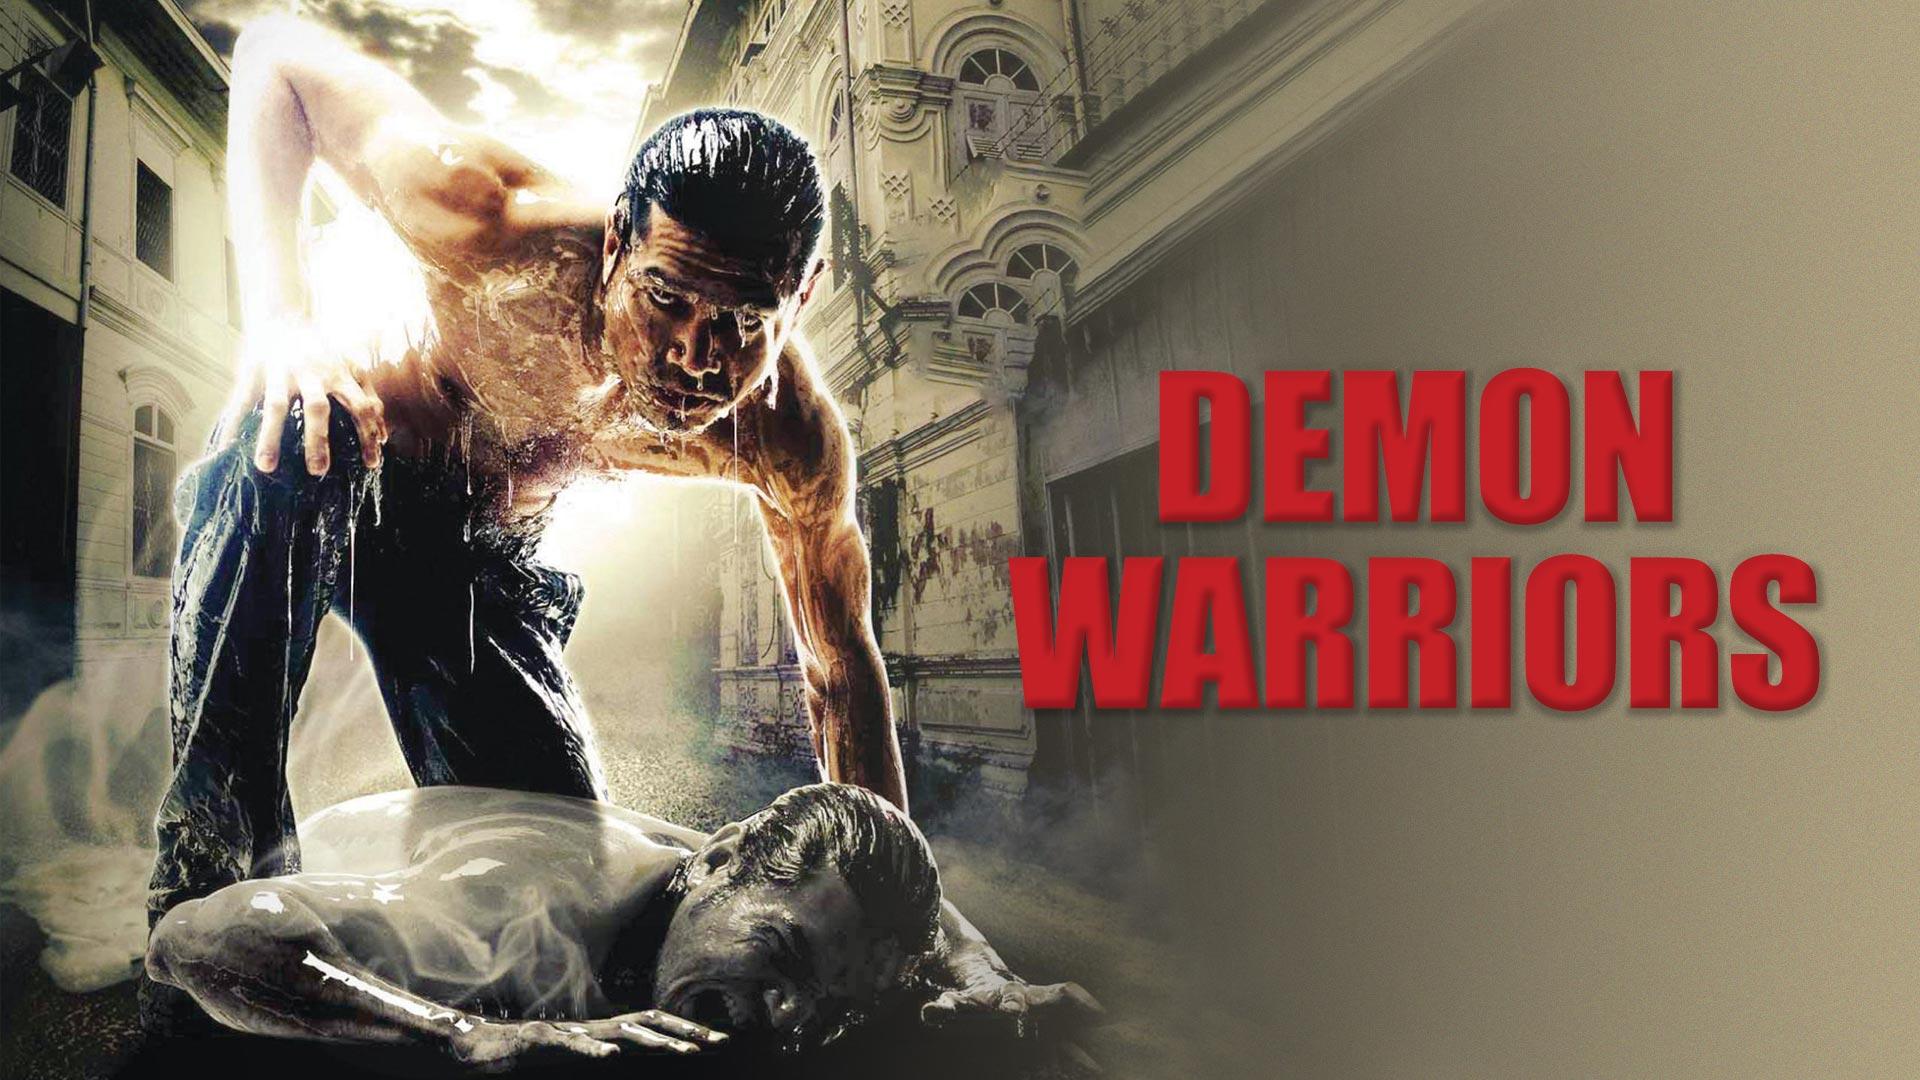 Demon Warriors